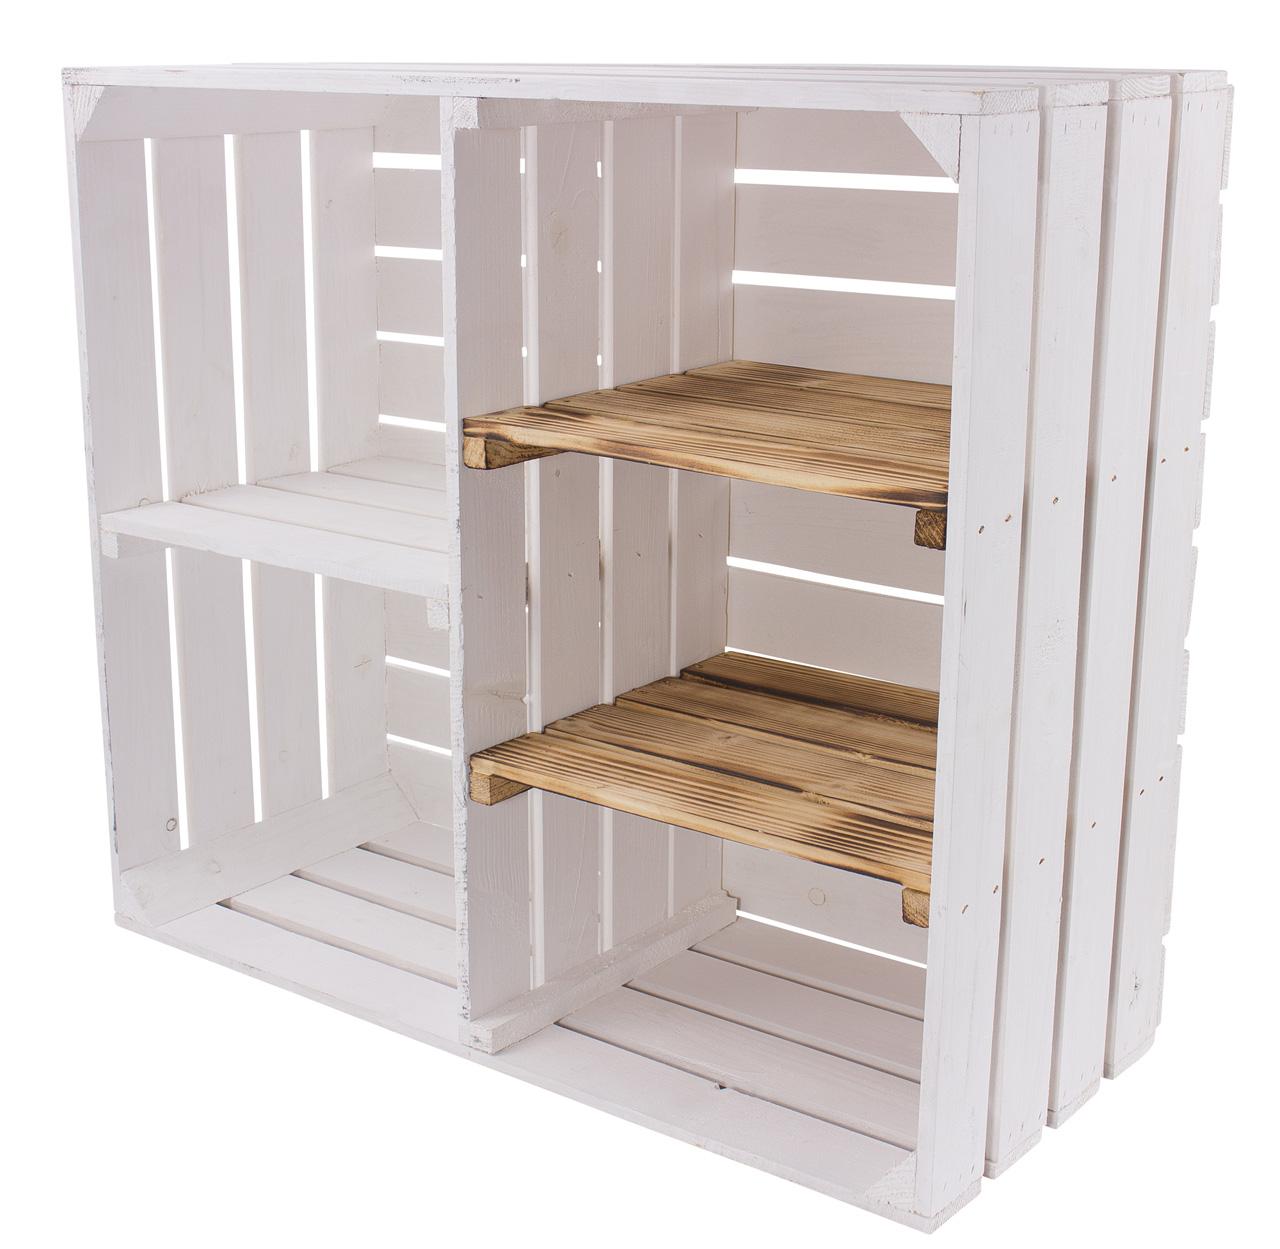 Shabby Chic Holzschrank mit 3 Mittelbretter und Trennbrett 77x68x35cm